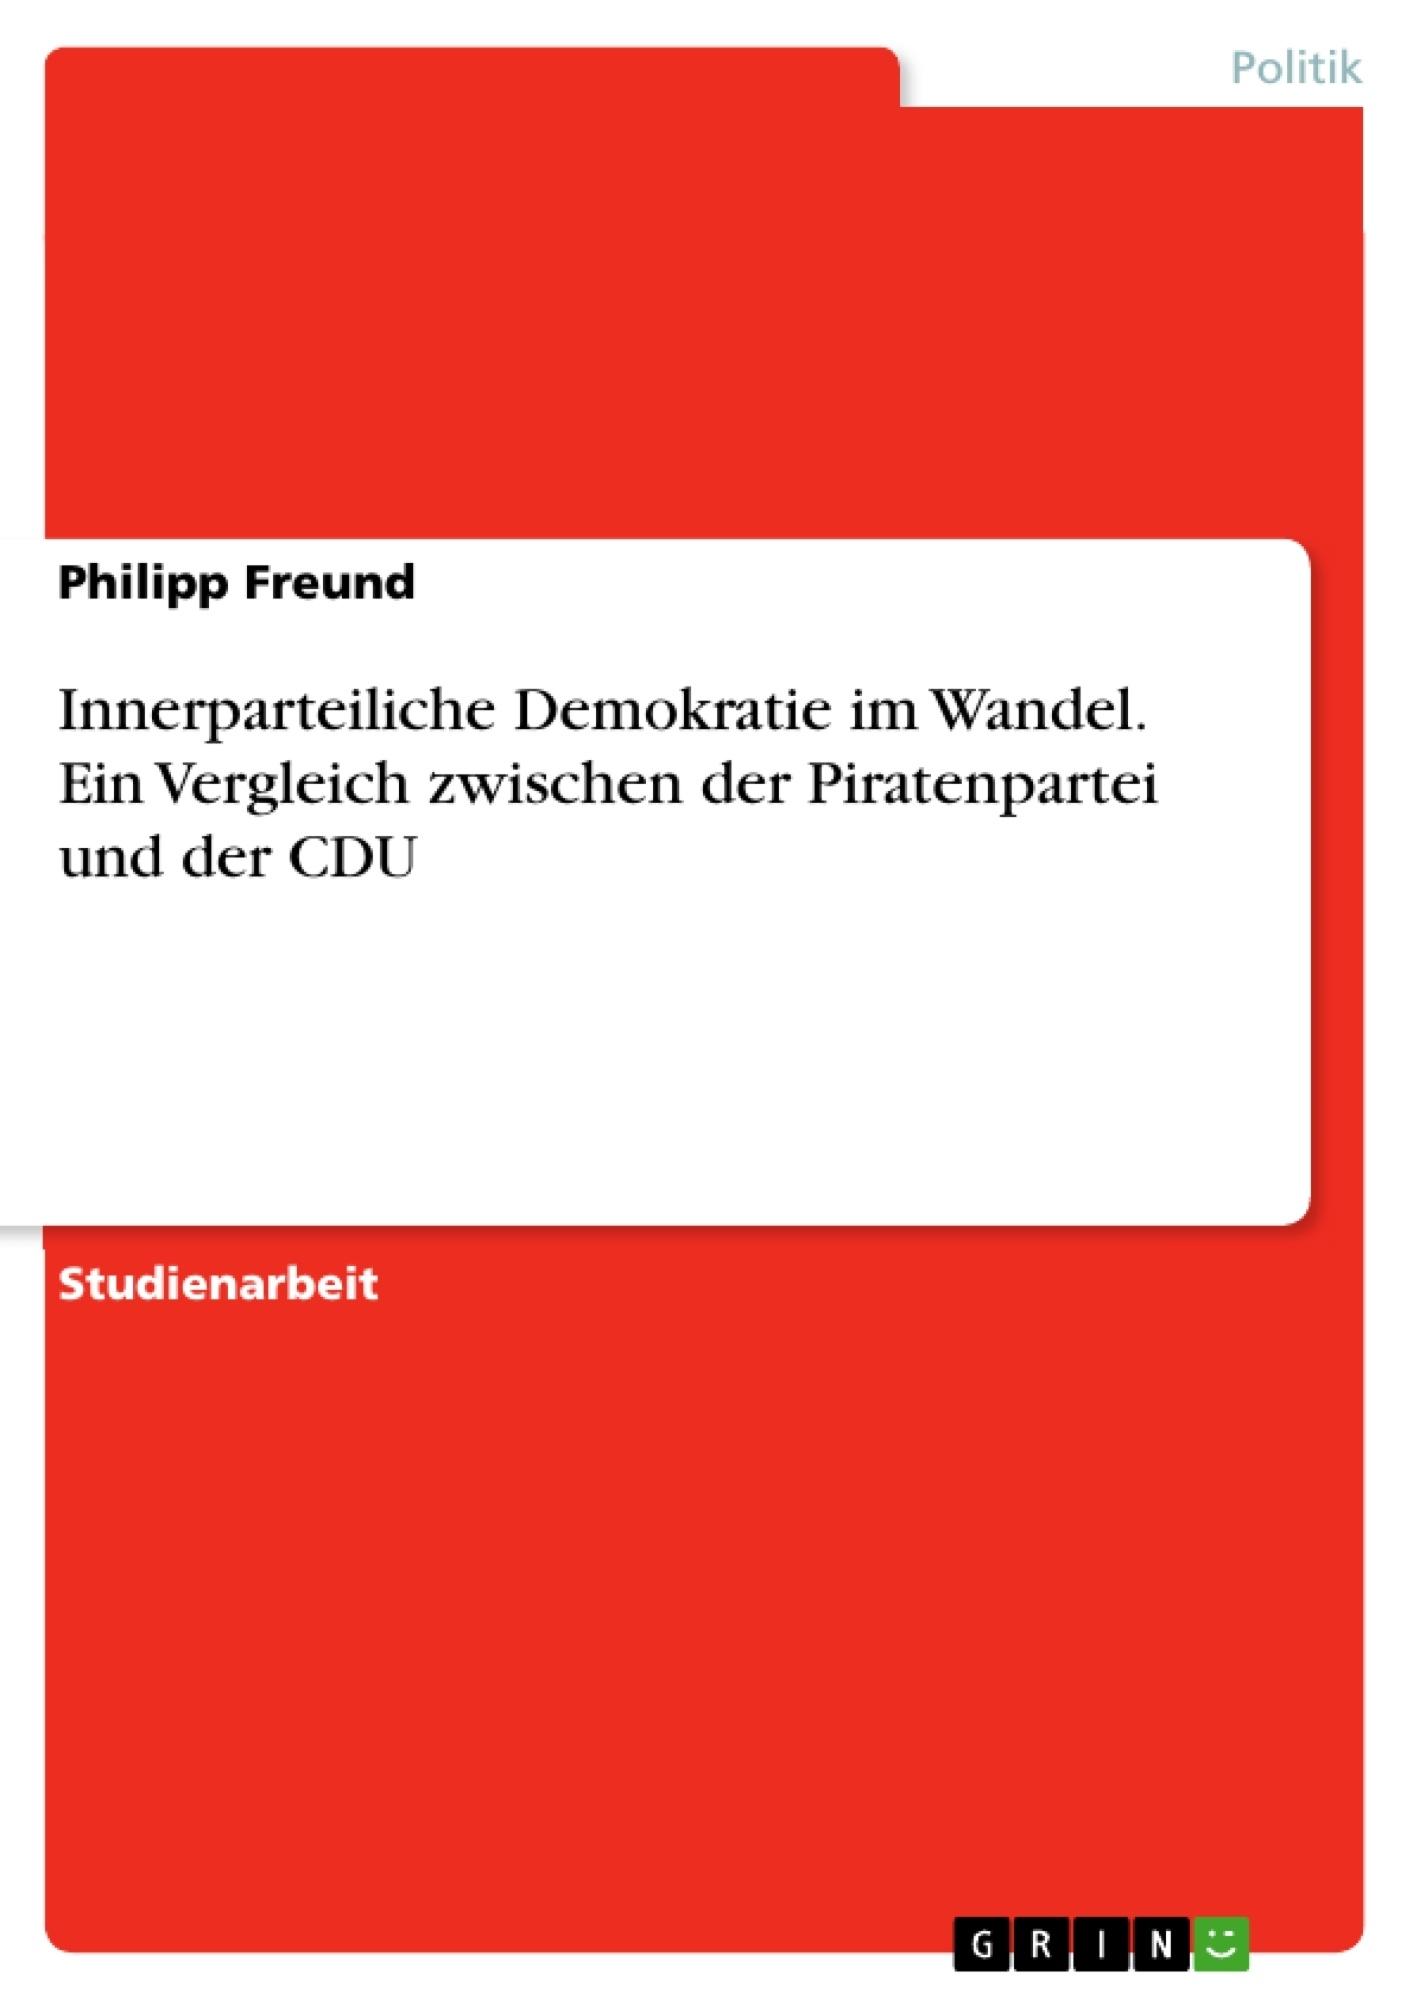 Titel: Innerparteiliche Demokratie im Wandel. Ein Vergleich zwischen der Piratenpartei und der CDU